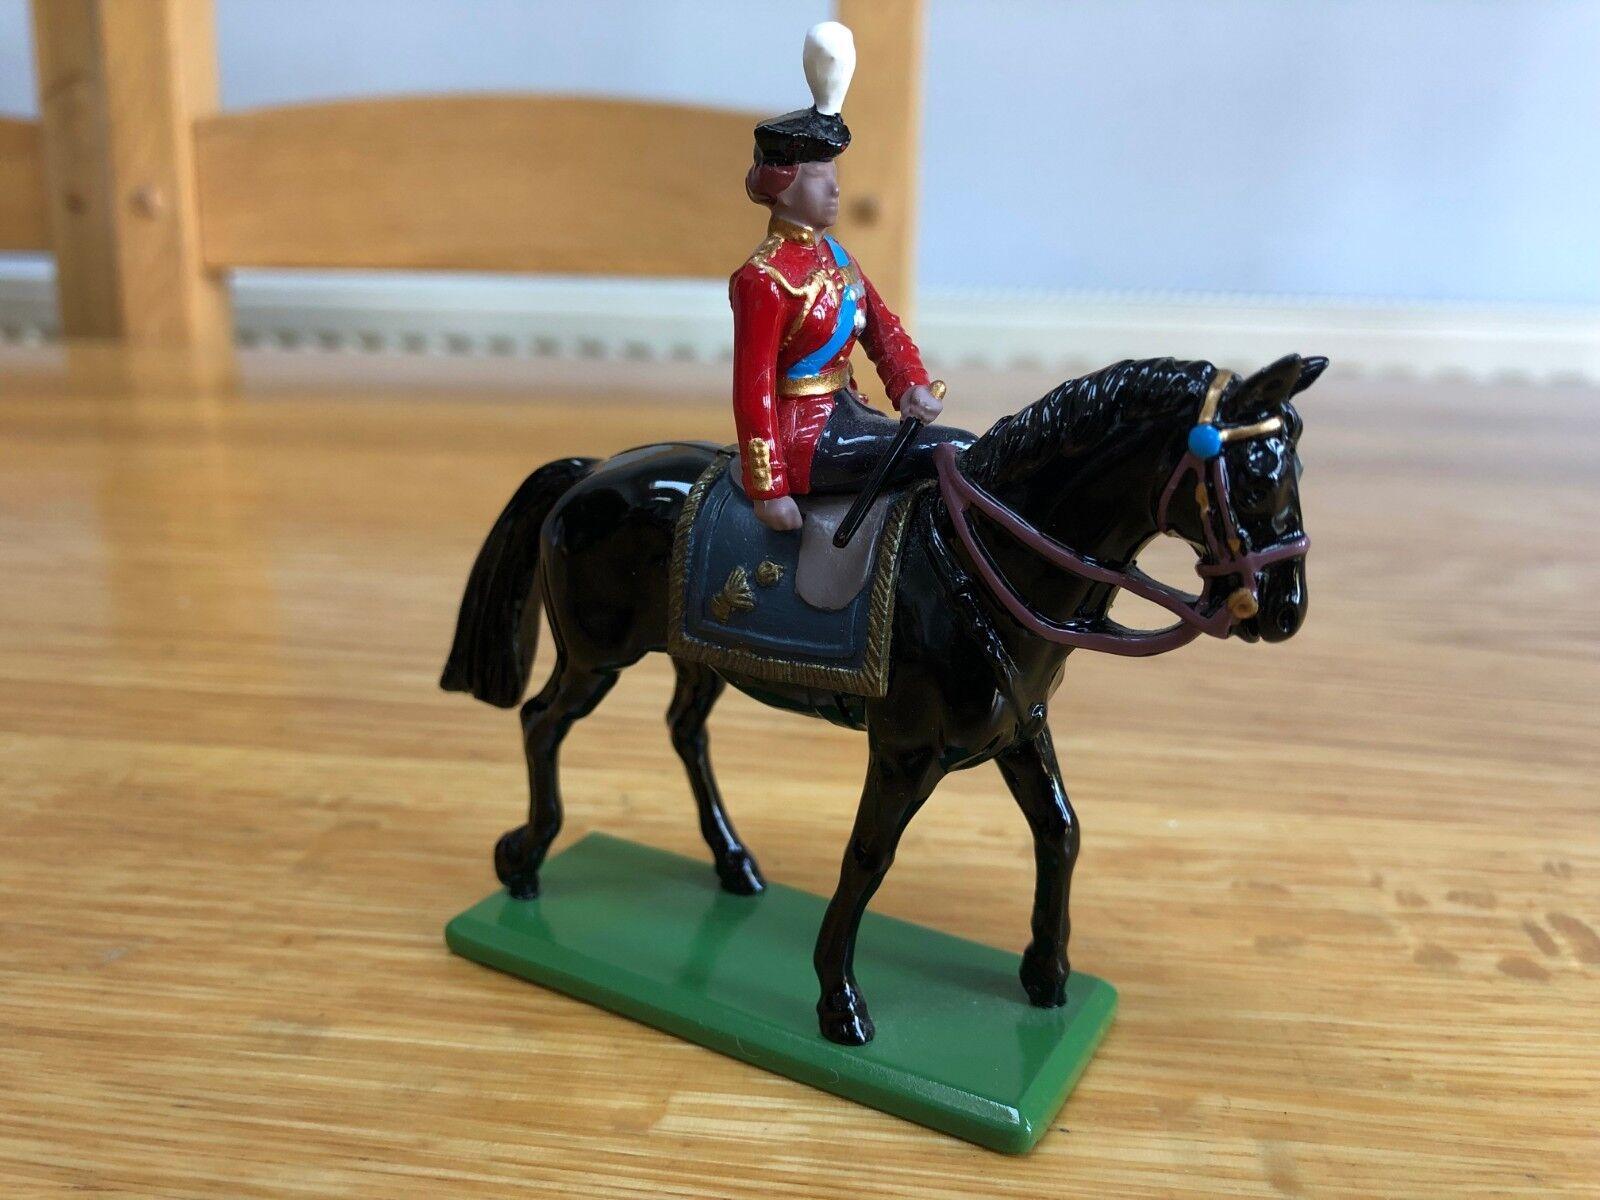 W. BRITAINS 41075 BRITISH HRH QUEEN ELIZABETH II MOUNTED ON HORSE - 1988